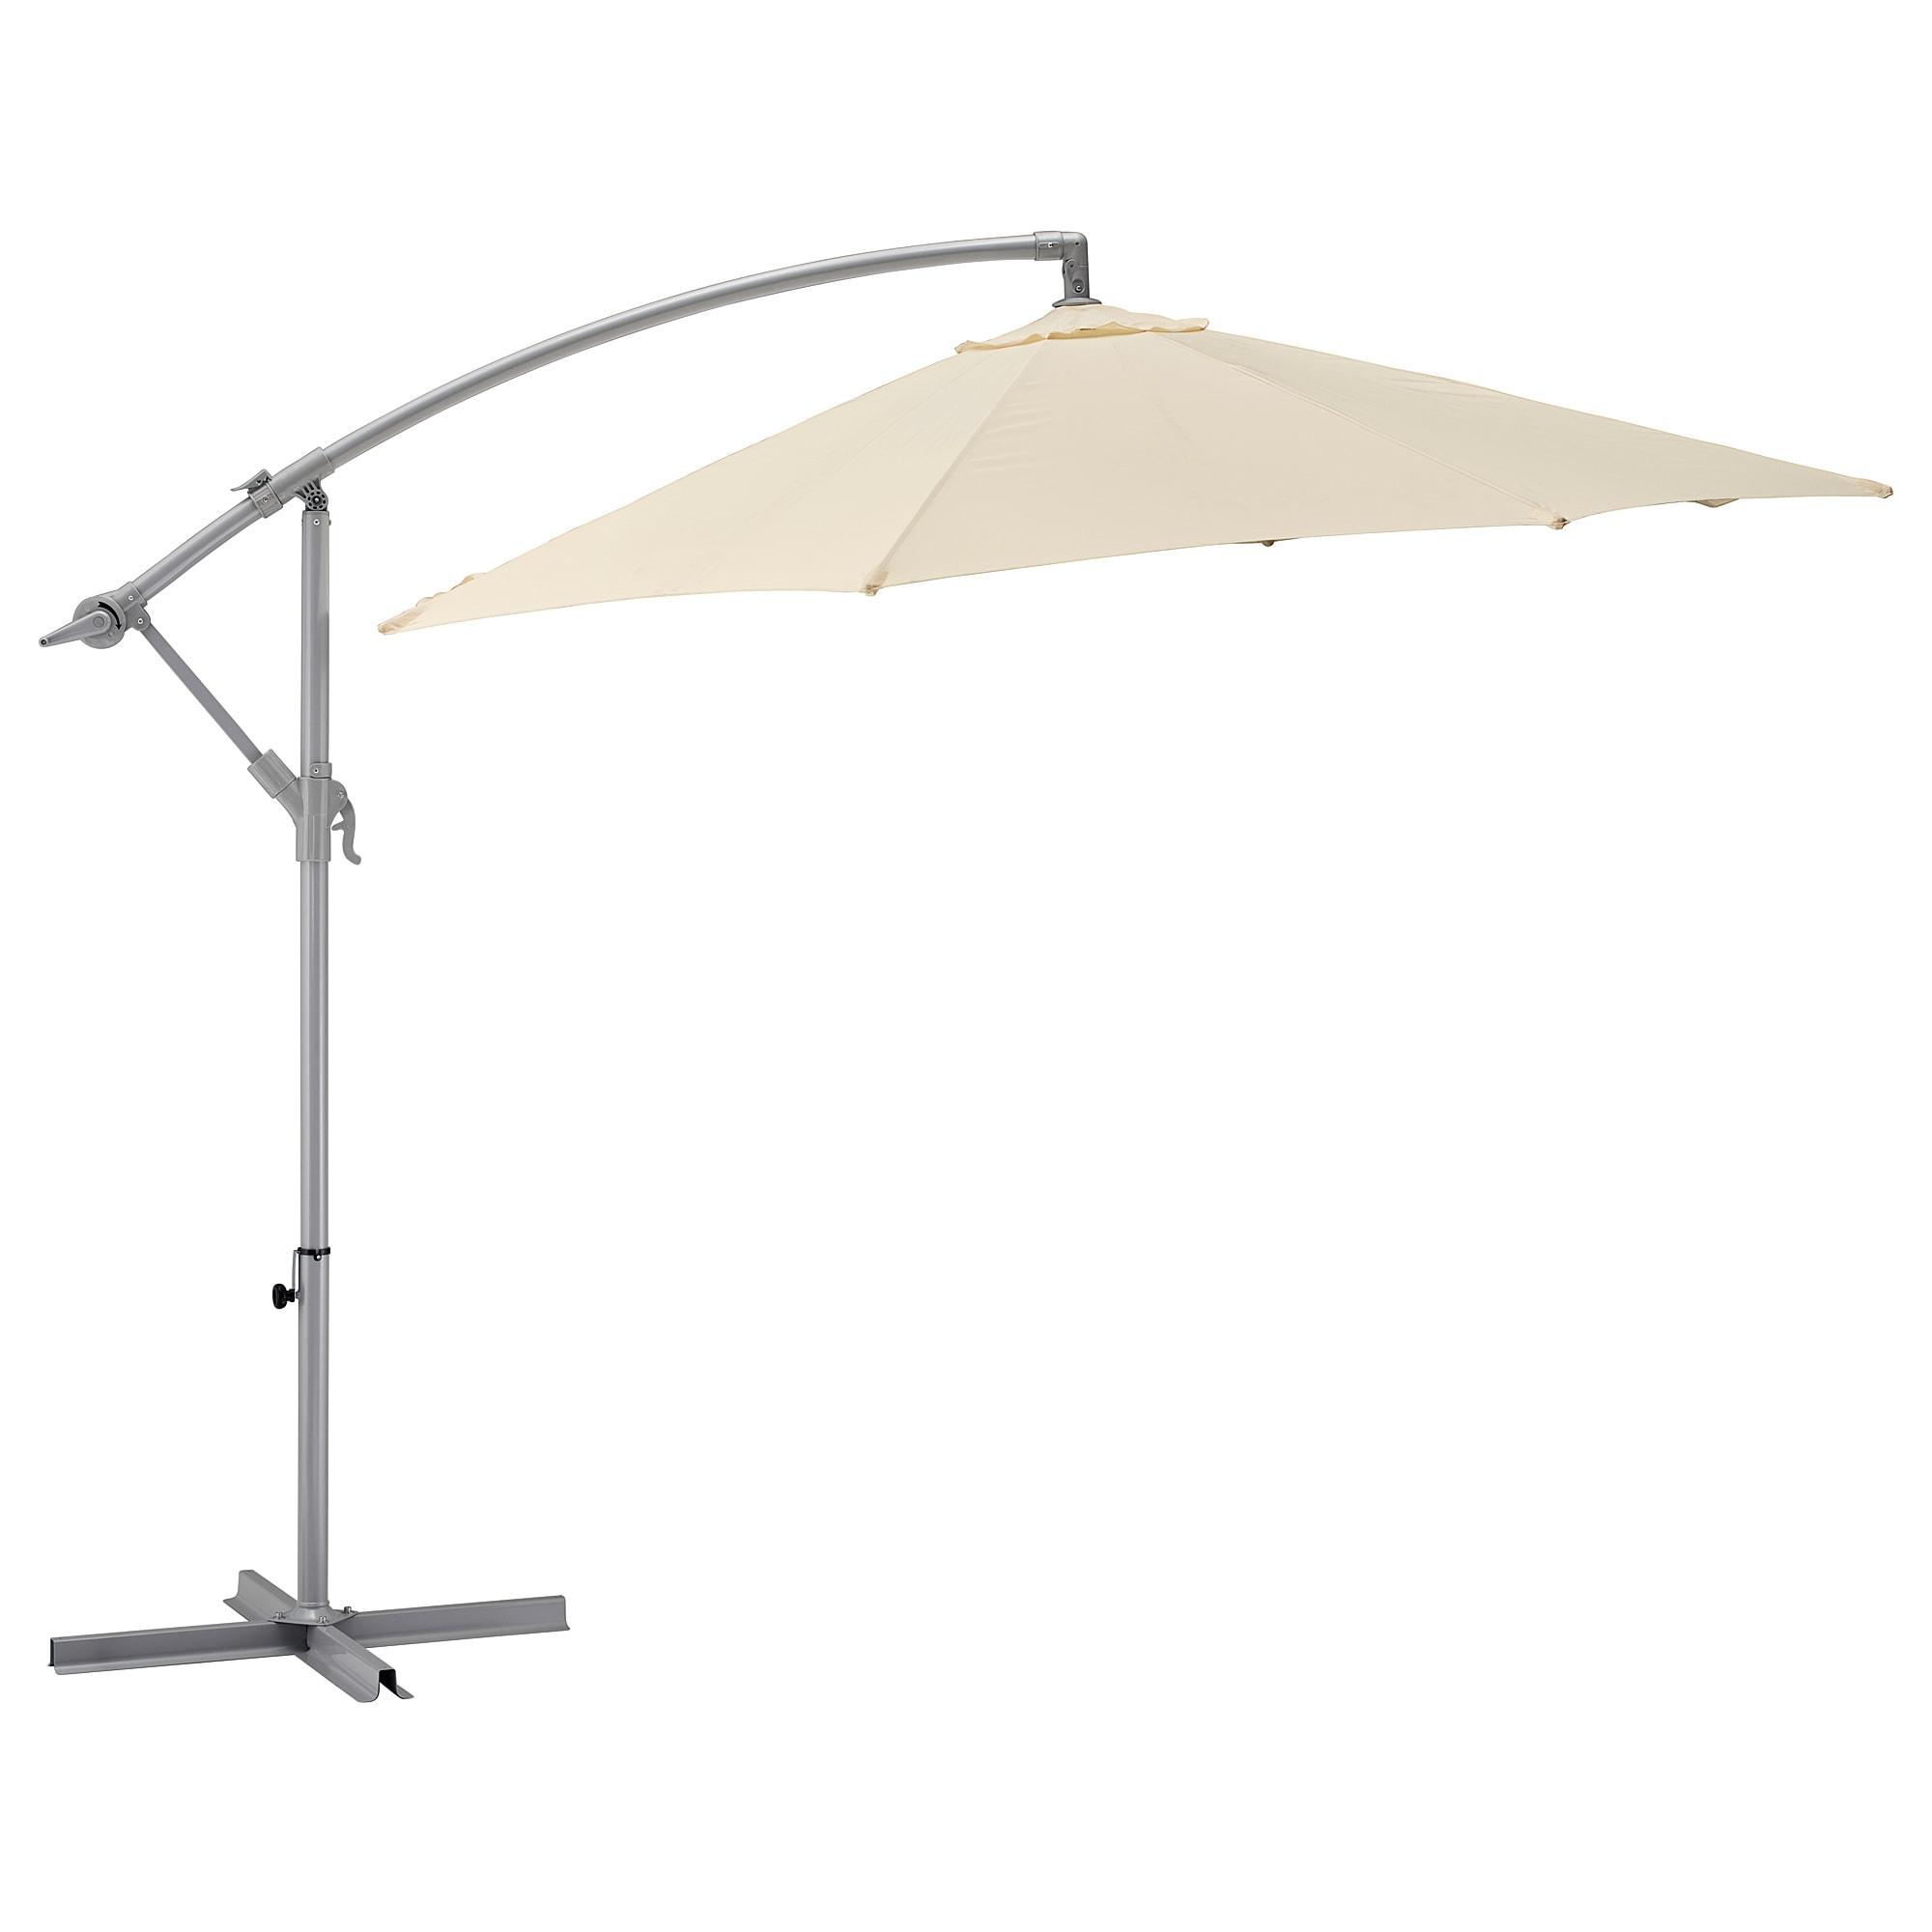 Зонт от солнца, подвесной КАРЛСЭ бежевый артикуль № 503.761.14 в наличии. Онлайн магазин ИКЕА Минск. Быстрая доставка и монтаж.